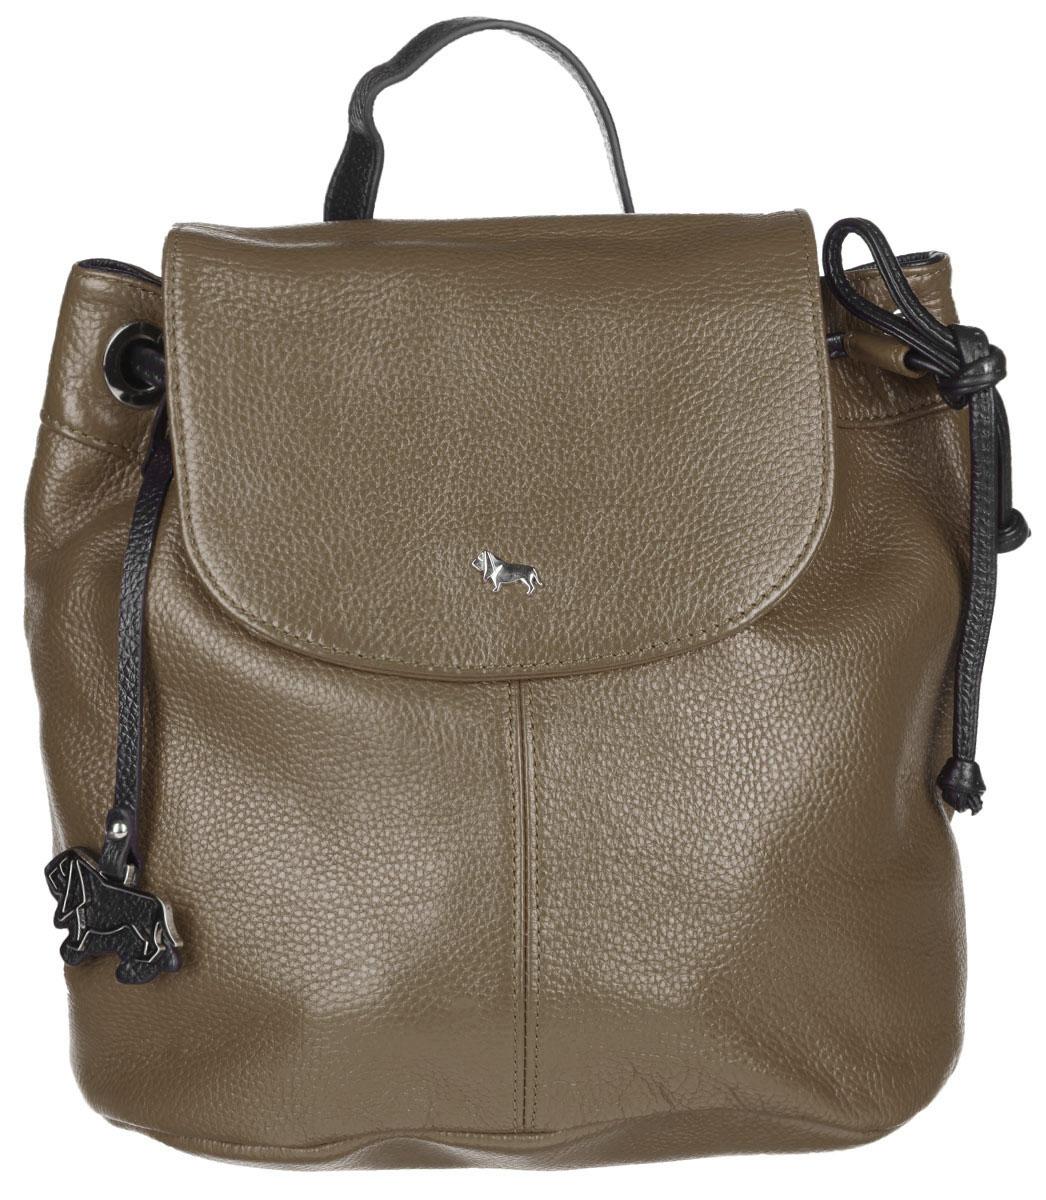 Рюкзак женский Labbra, цвет: тауп, черный. L-9916-1L-9916-1Стильный женский рюкзак Labbra выполнен из натуральной кожи с фактурным тиснением. Изделие имеет одно отделение, закрывающееся на клапан с магнитом и дополнительно на затягивающийся шнурок. Внутри находится прорезной карман на застежке-молнии и два открытых накладных кармана. Снаружи, на задней стенке расположен прорезной карман на застежке- молнии. Рюкзак оснащен съемной лямкой, регулируемой по длине, которая позволяет носить изделие на плечах, или в руках, как сумку. Изделие украшено фирменным брелоком. В комплект входит фирменный чехол для хранения. Стильный рюкзак Labbra прекрасно дополнит ваш образ.